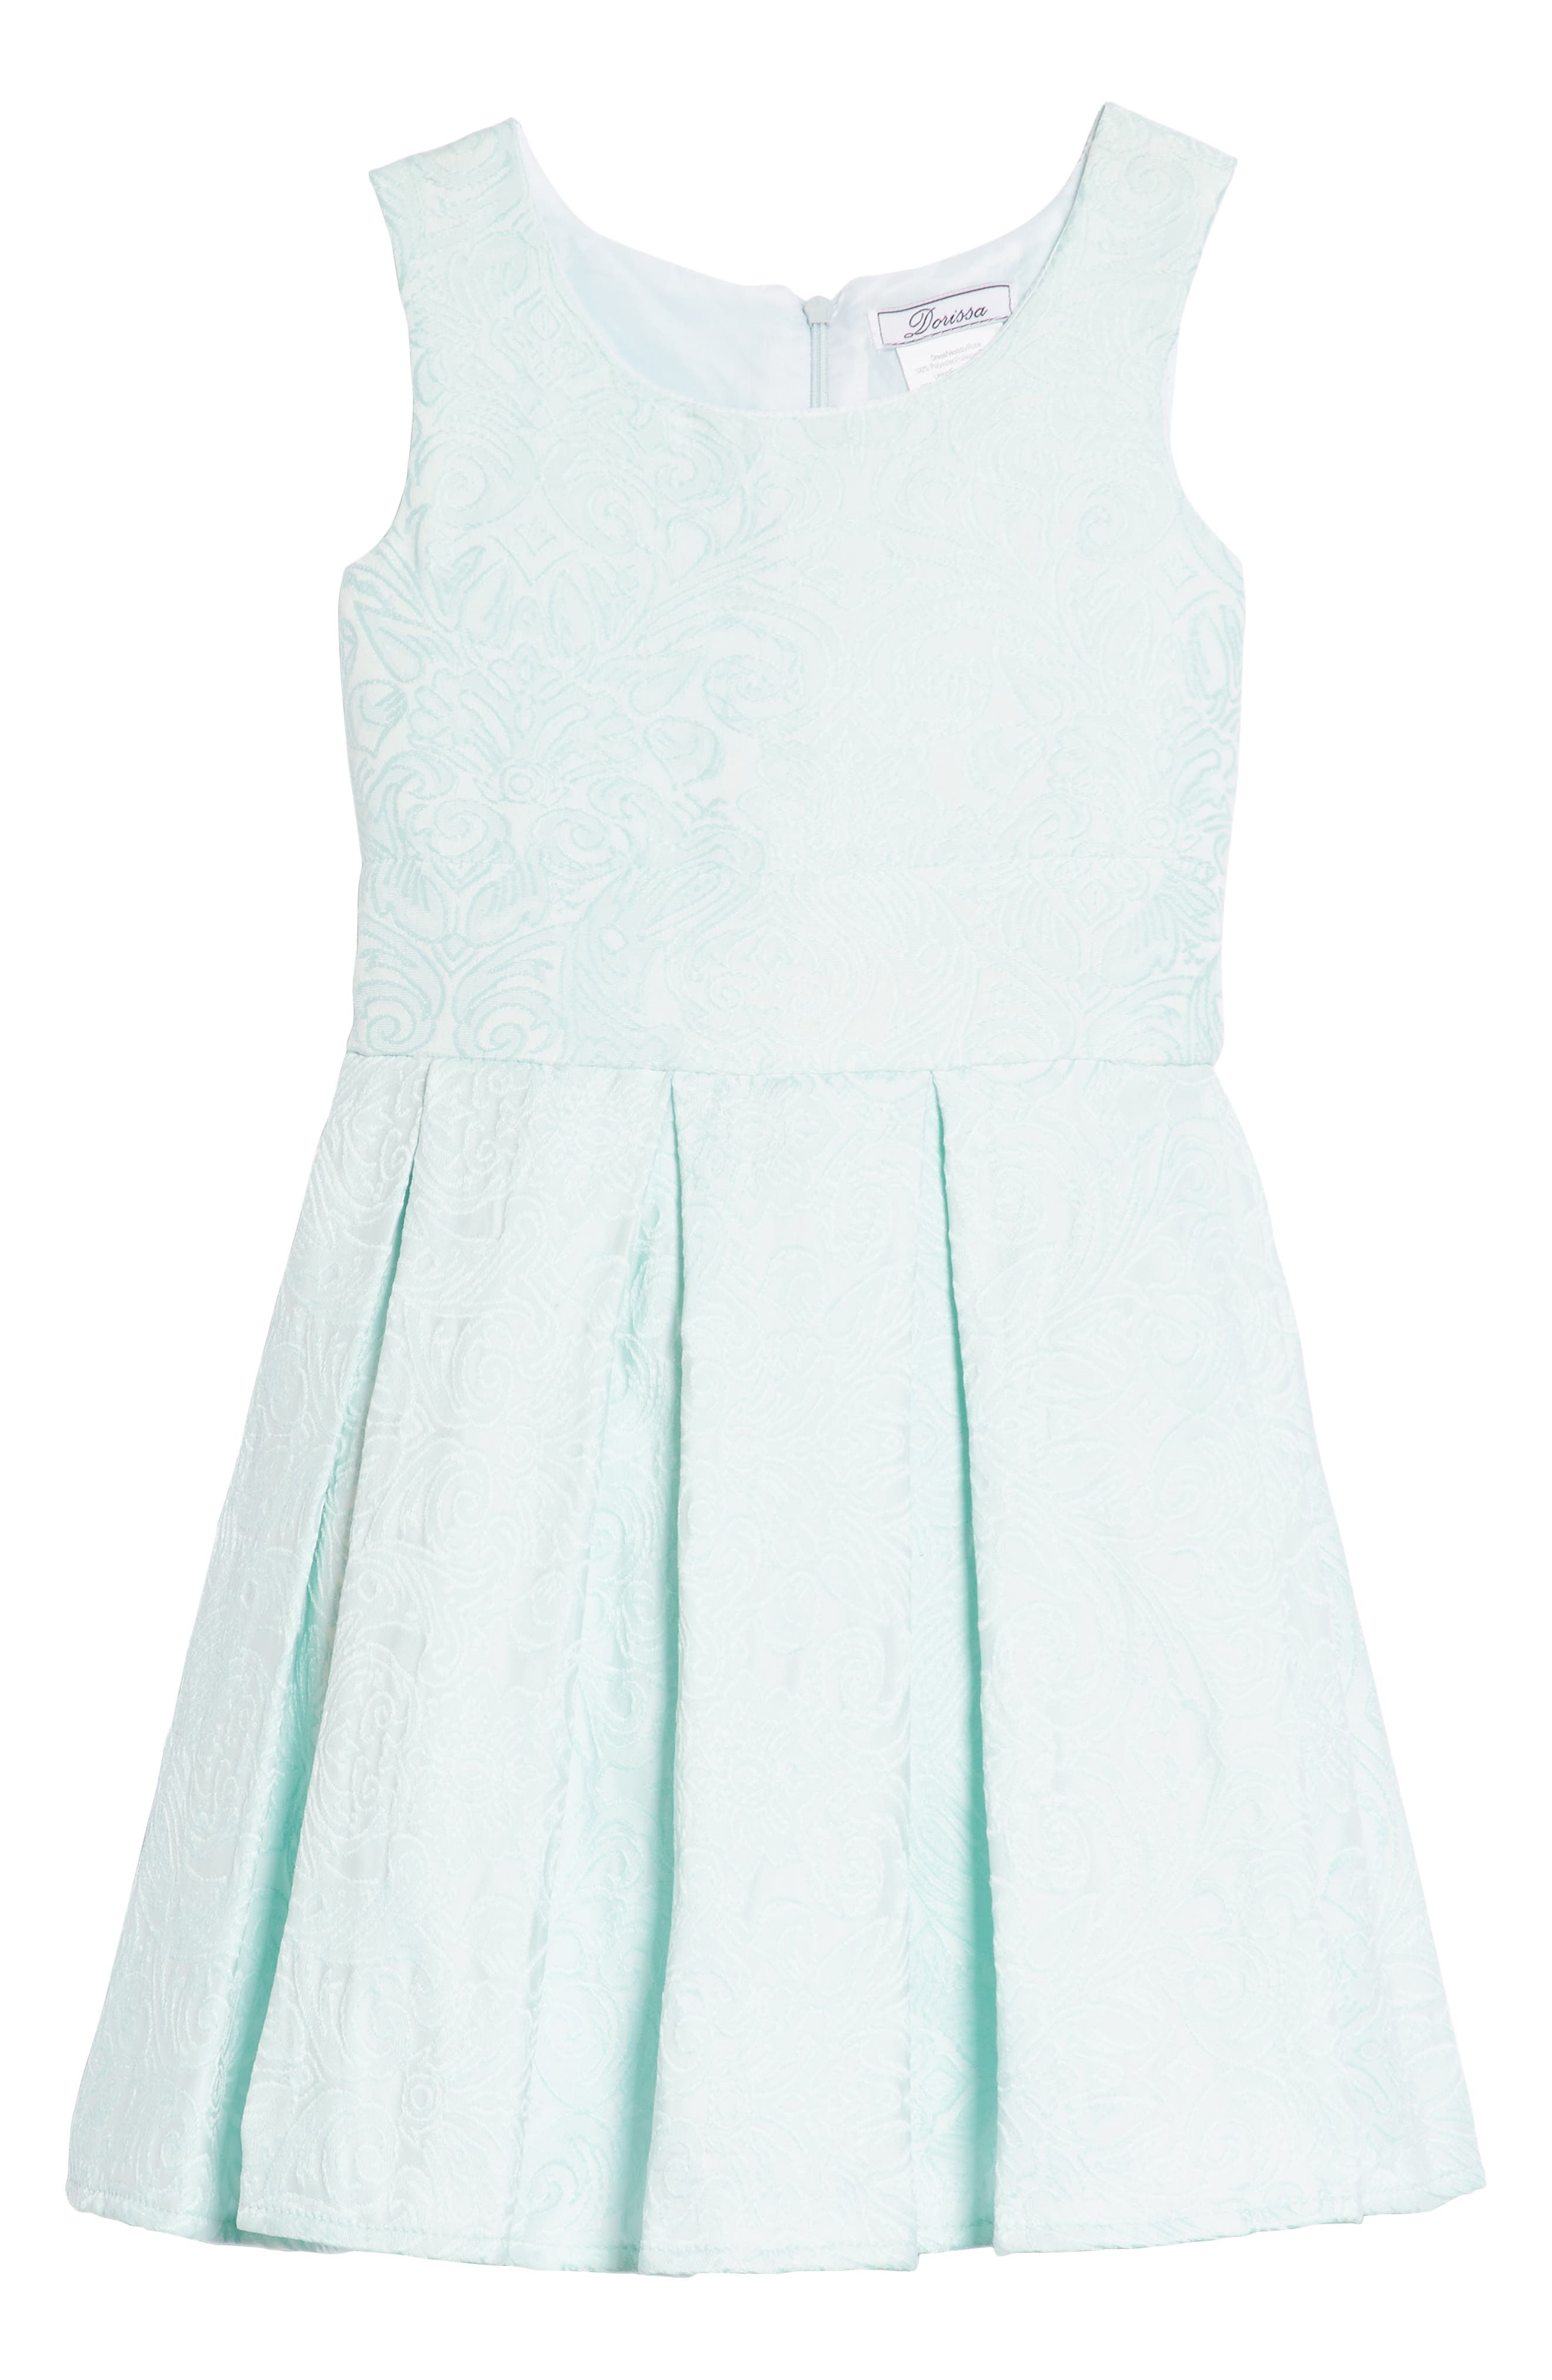 Megan Jacquard Dress,                         Main,                         color, Aqua